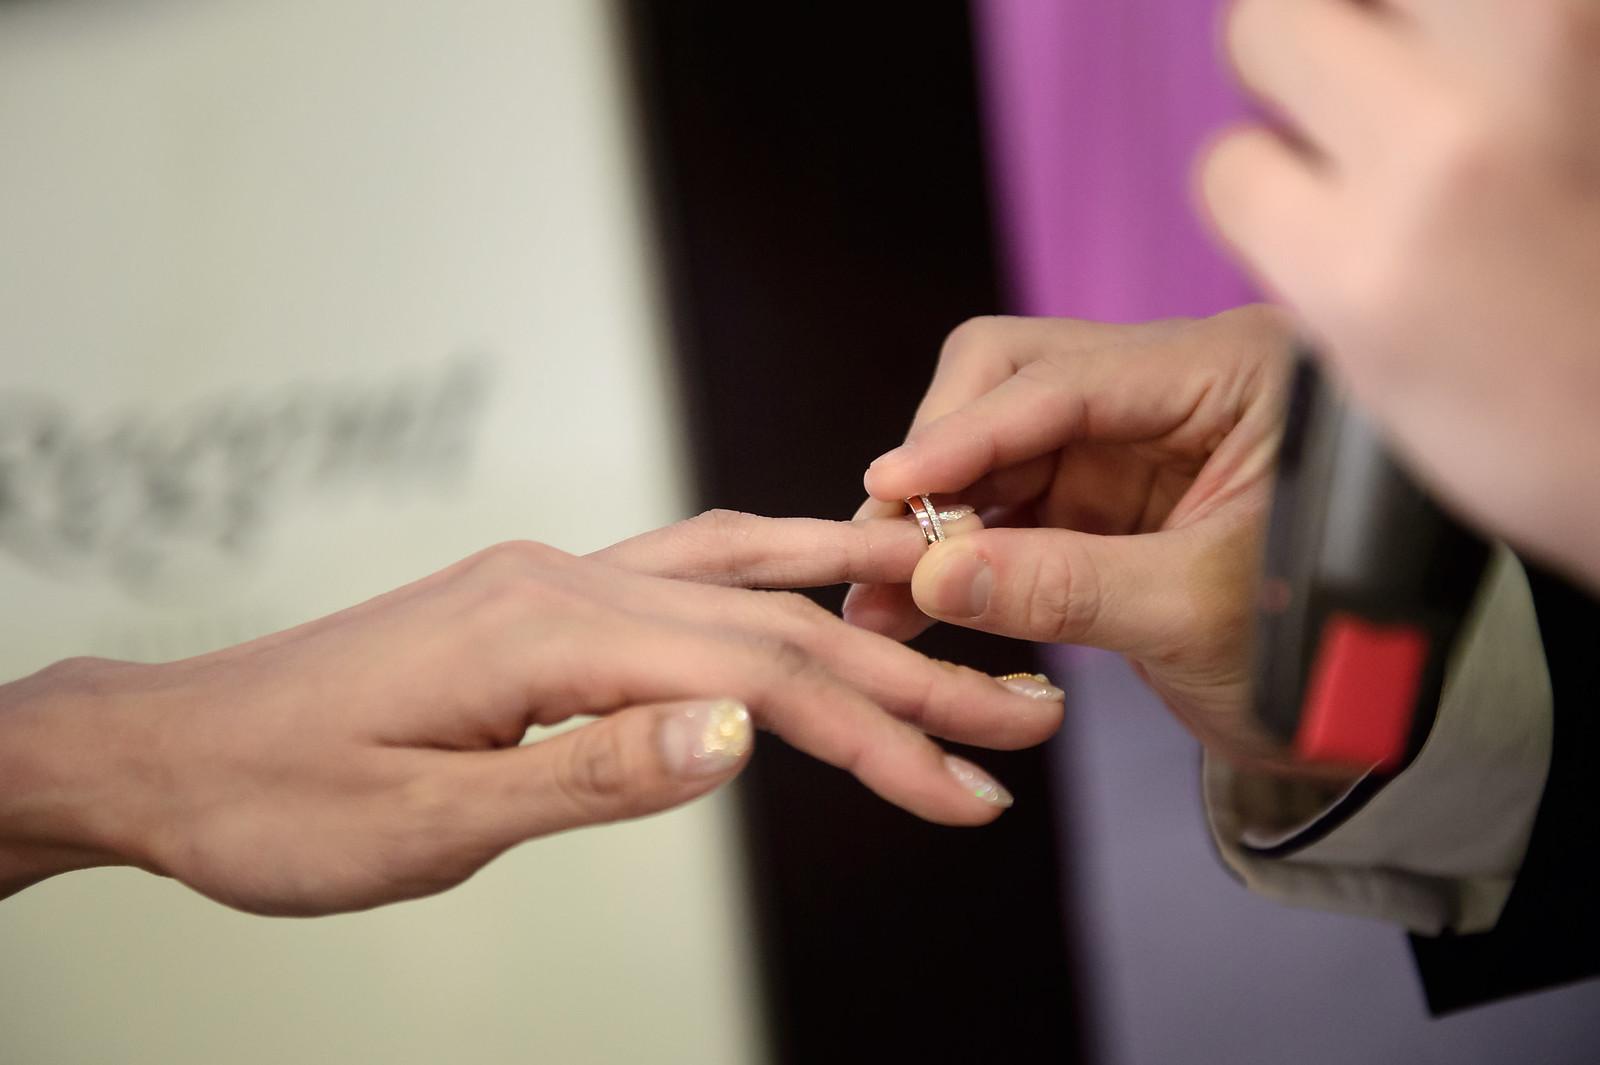 台北婚攝, 婚禮攝影, 婚攝, 婚攝守恆, 婚攝推薦, 晶華酒店, 晶華酒店婚宴, 晶華酒店婚攝-45